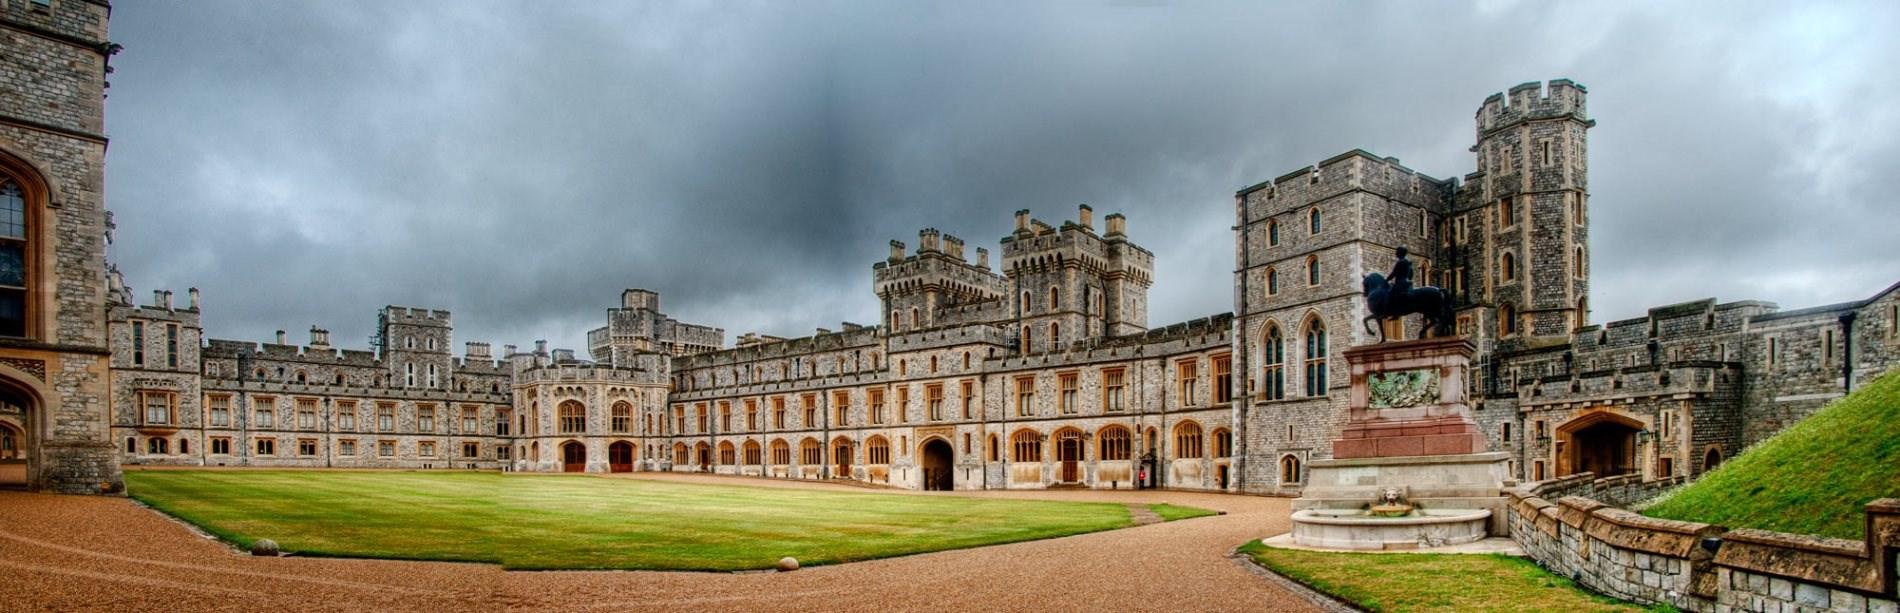 Путешествие в сказку – рейтинг самых впечатляющих замков Европы